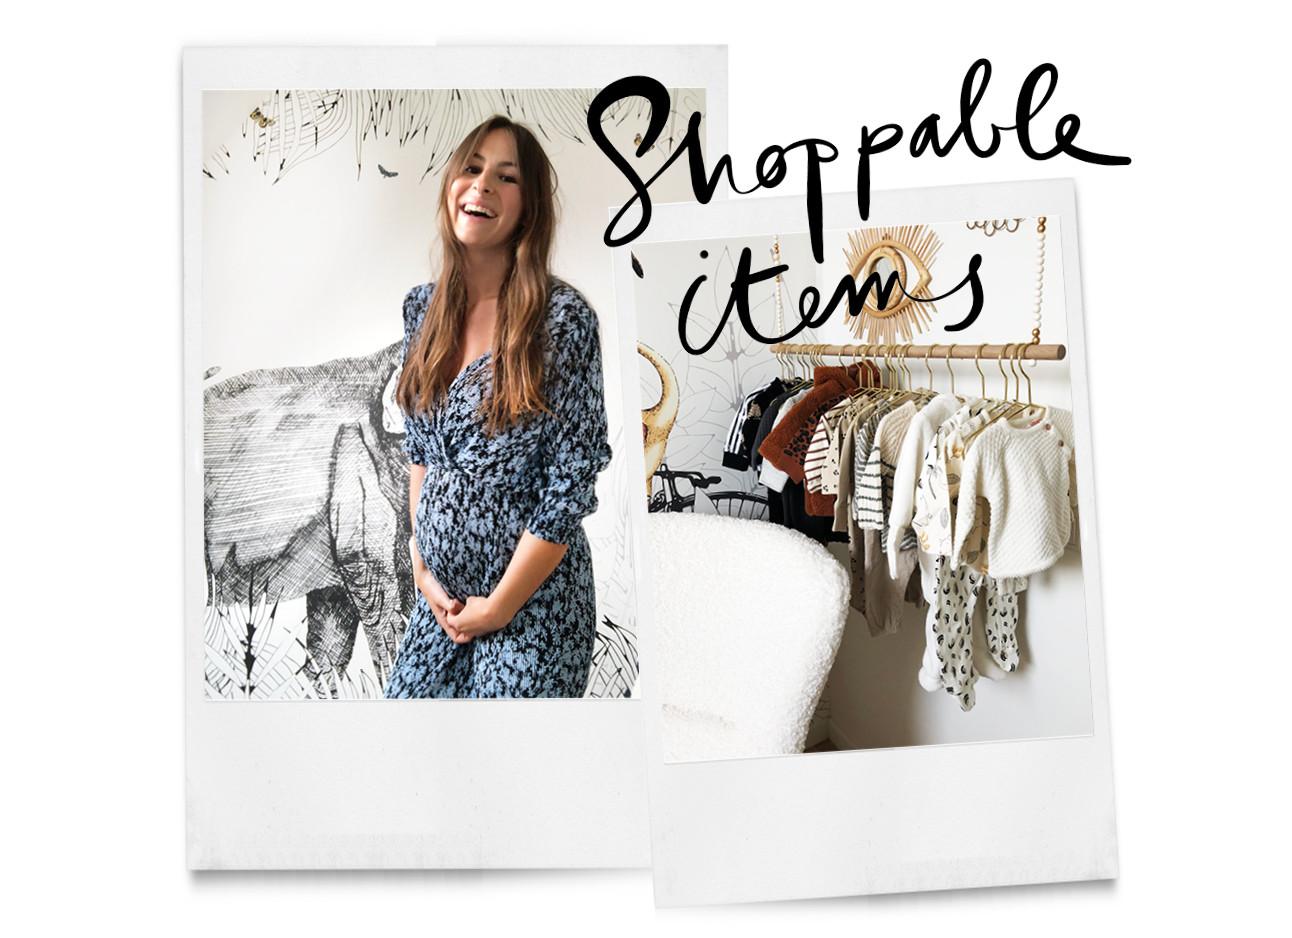 lilian brijl lachend met in een zwangere jurk in haar babykamer